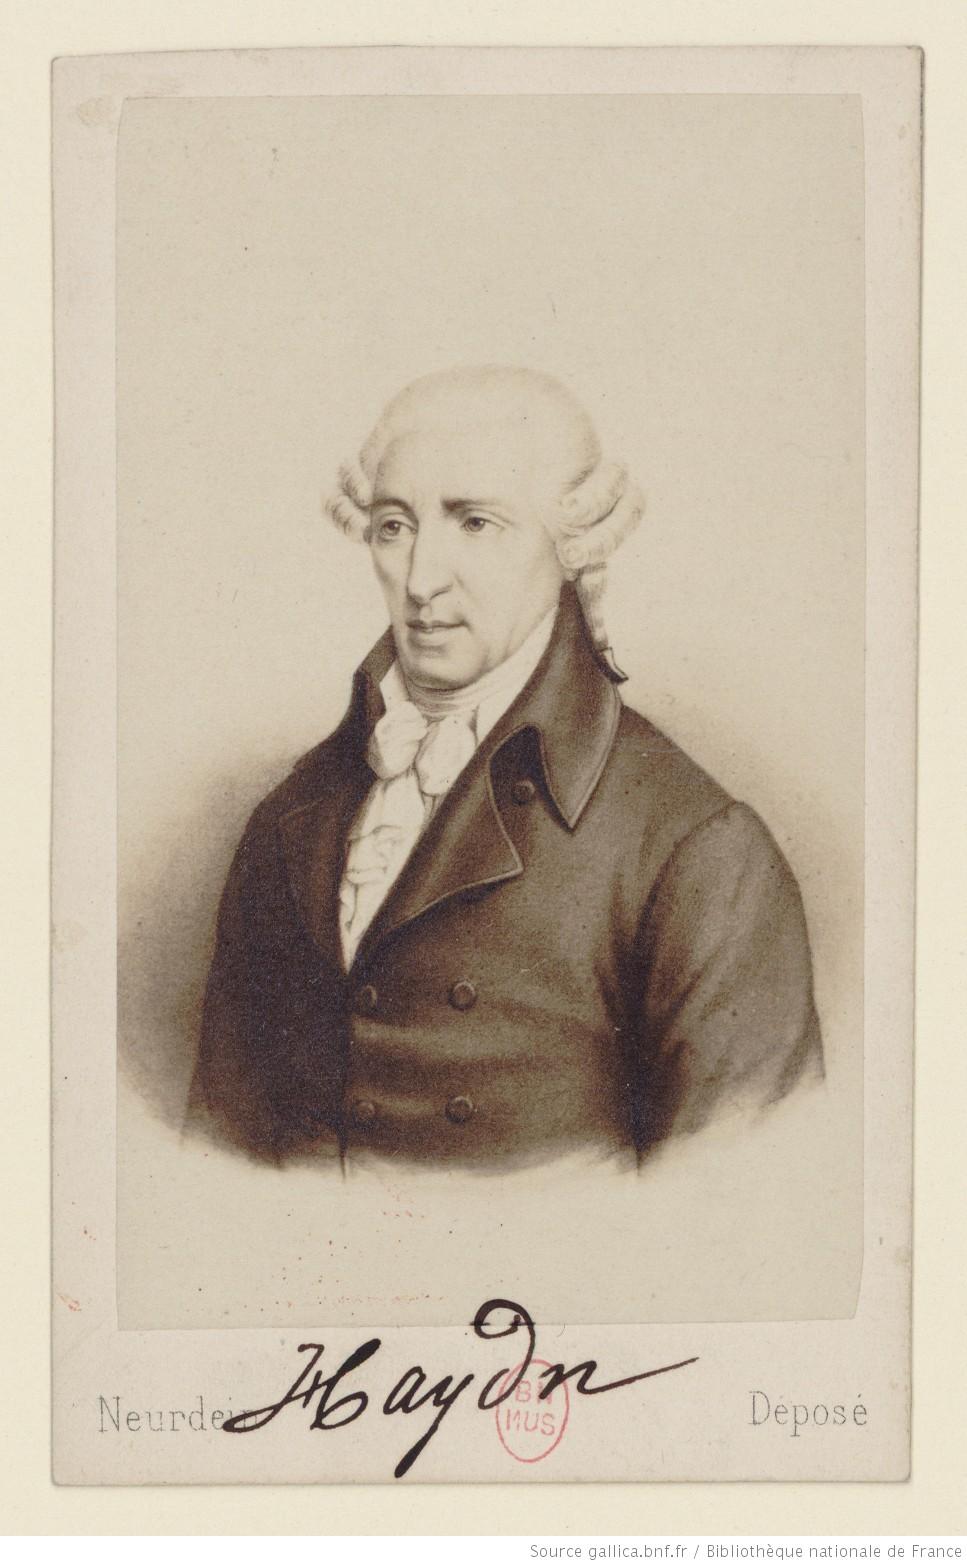 Joseph HAYDN, Bibliothèque nationale de France, cliquer pour voir l'original et ses références